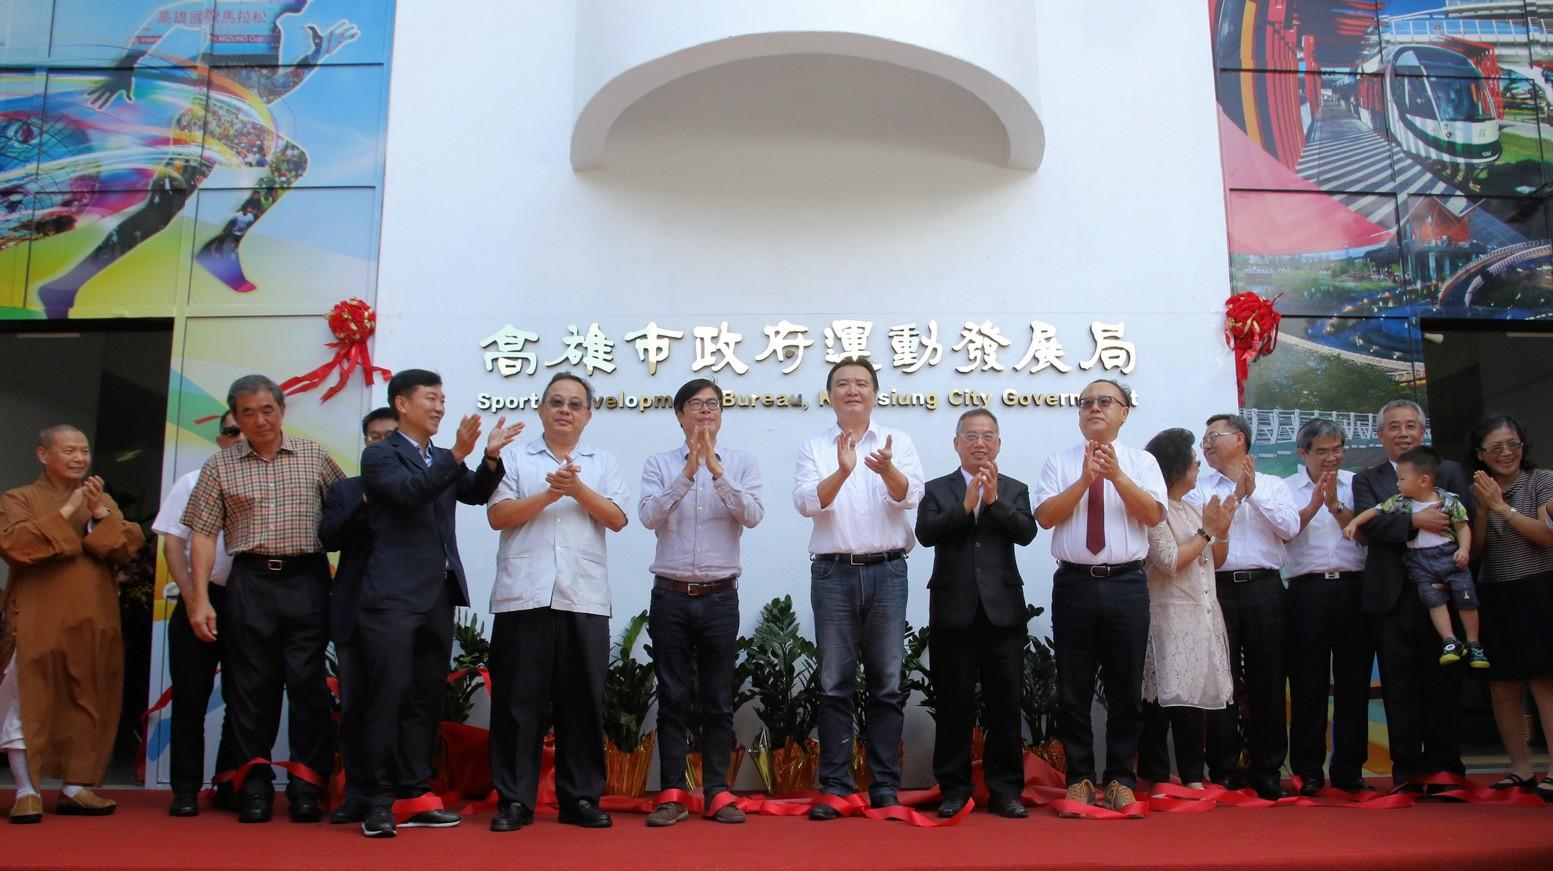 10年有成》高巿府運動發展局成立揭牌